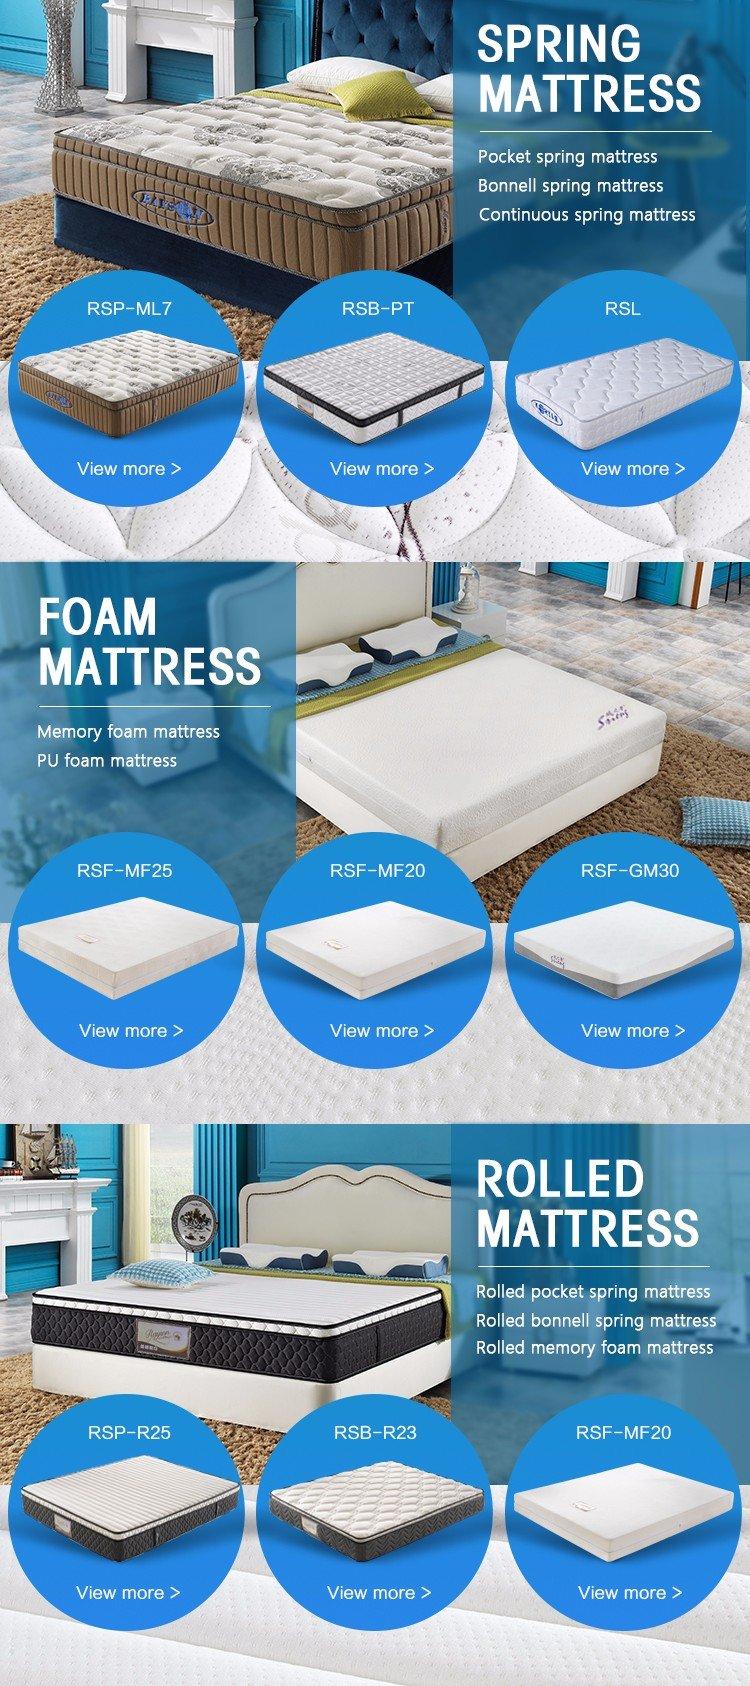 Best 5 star hotel mattress luxury Supply-10